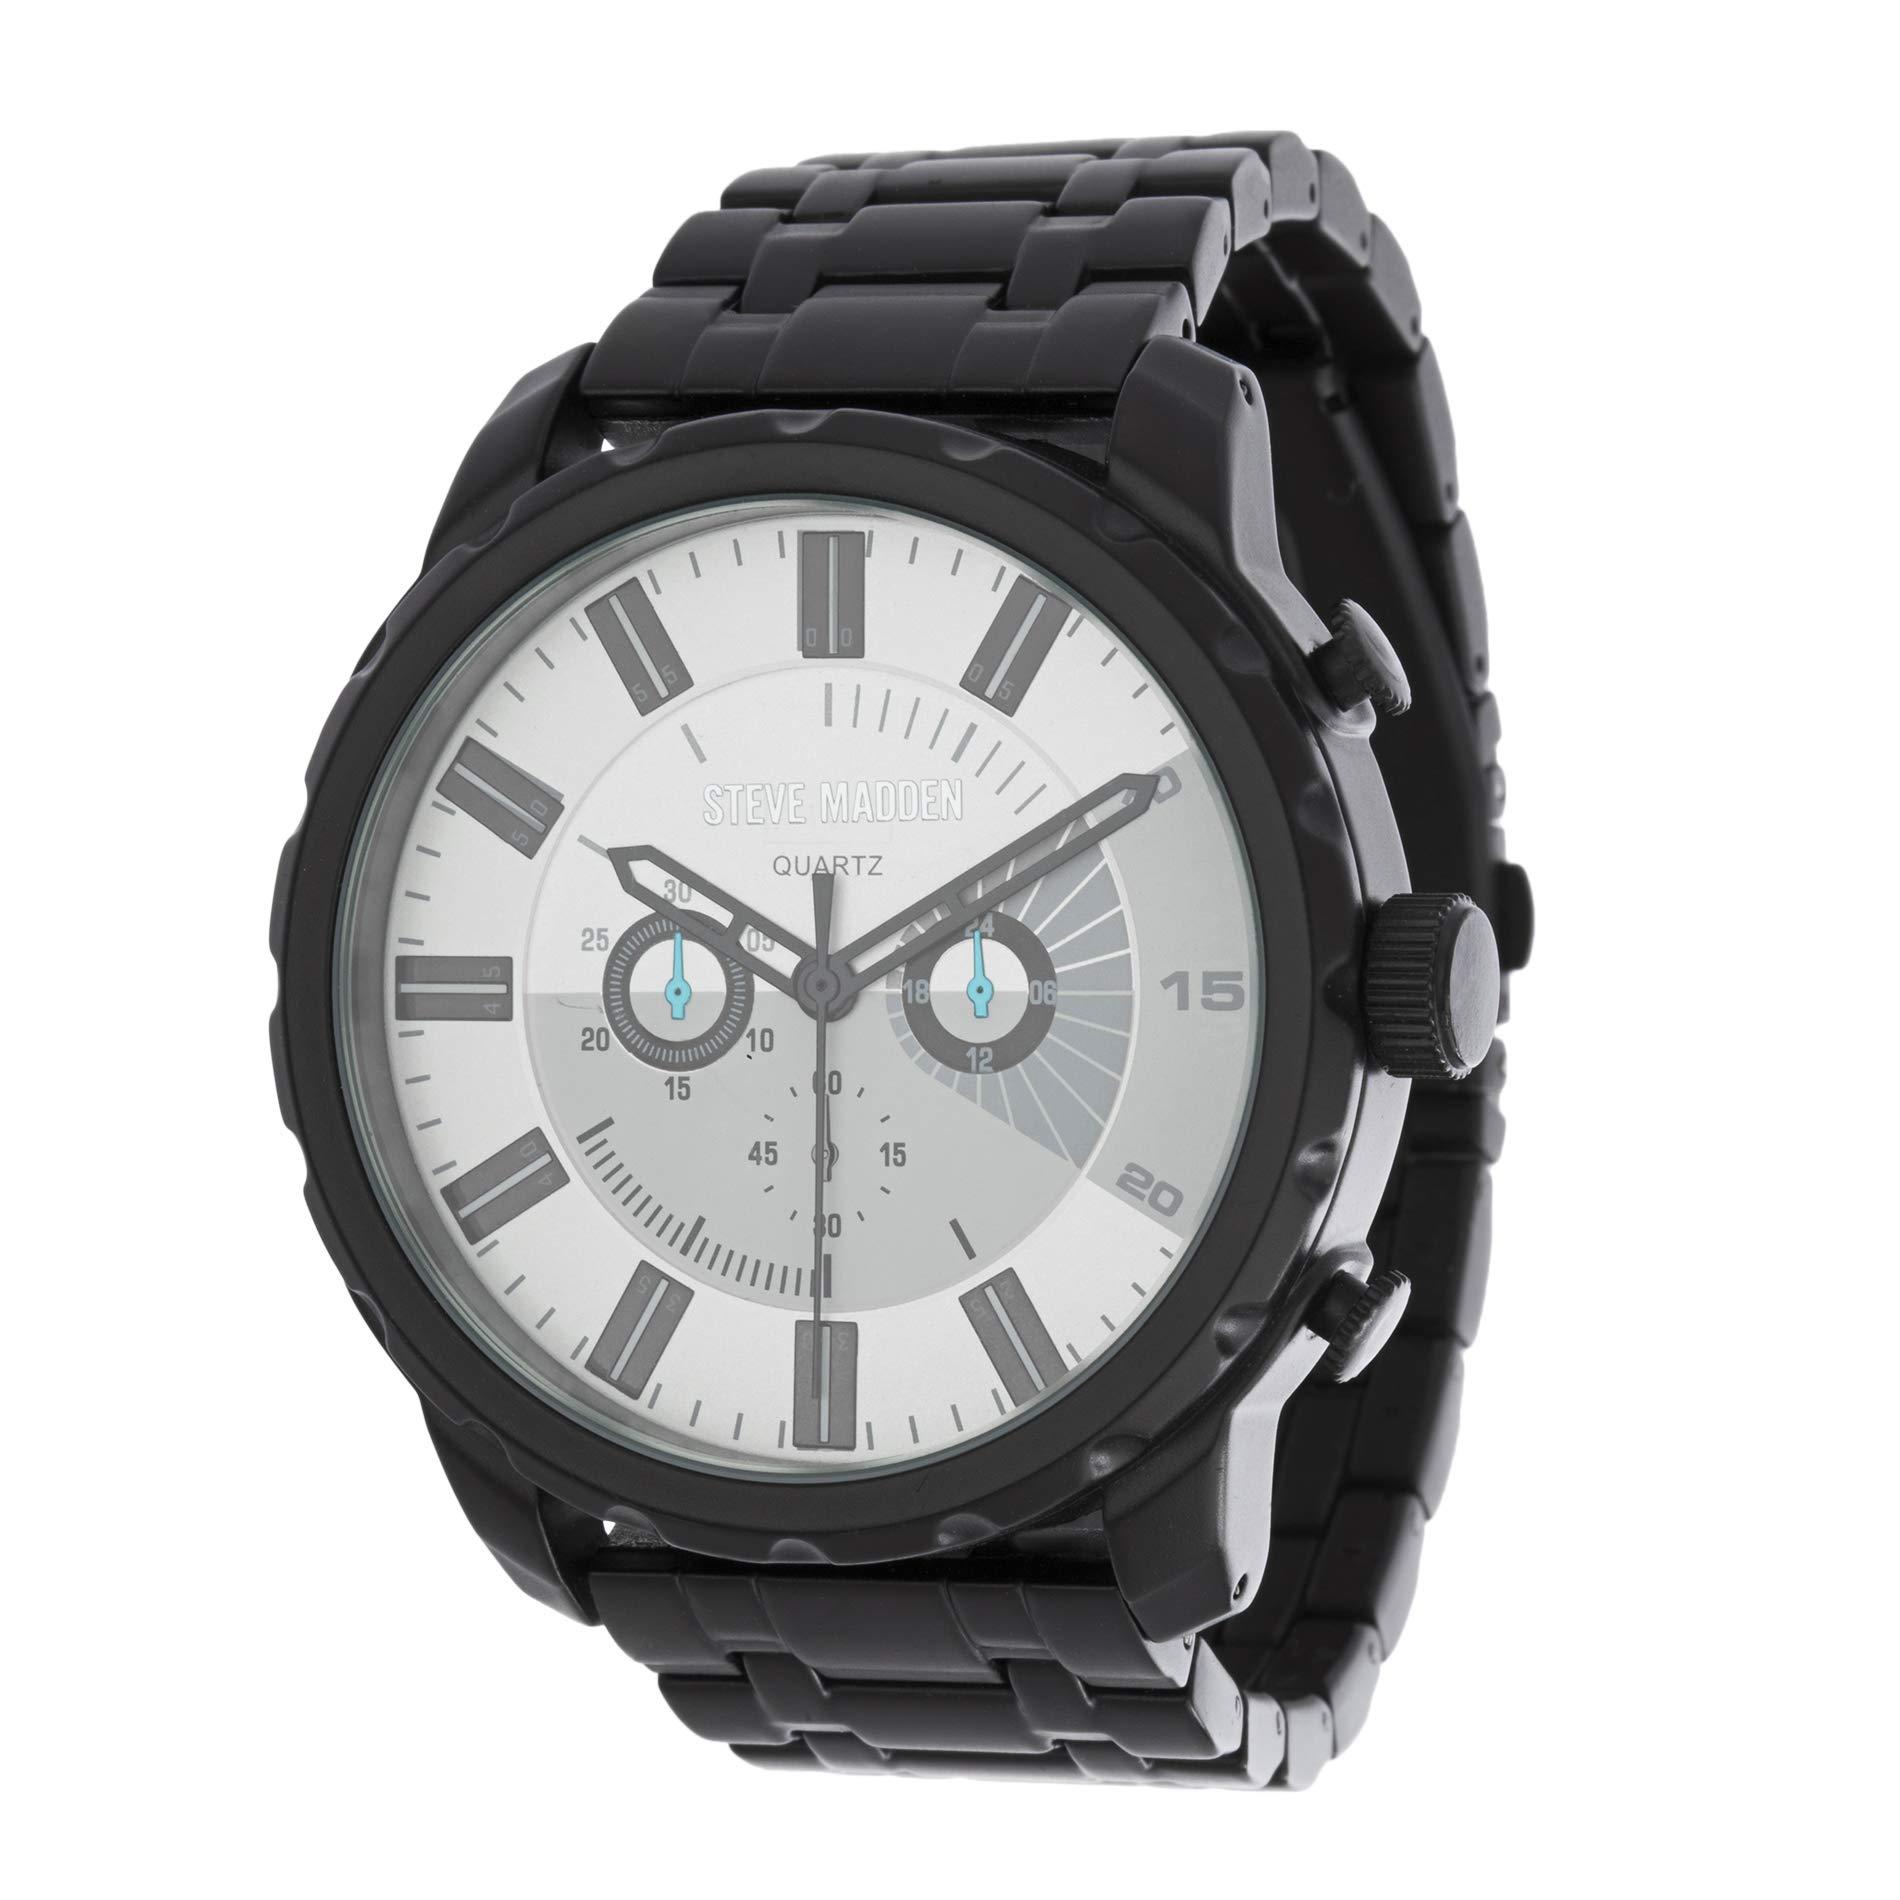 Steve Madden 黑色和银色男式双眼手表